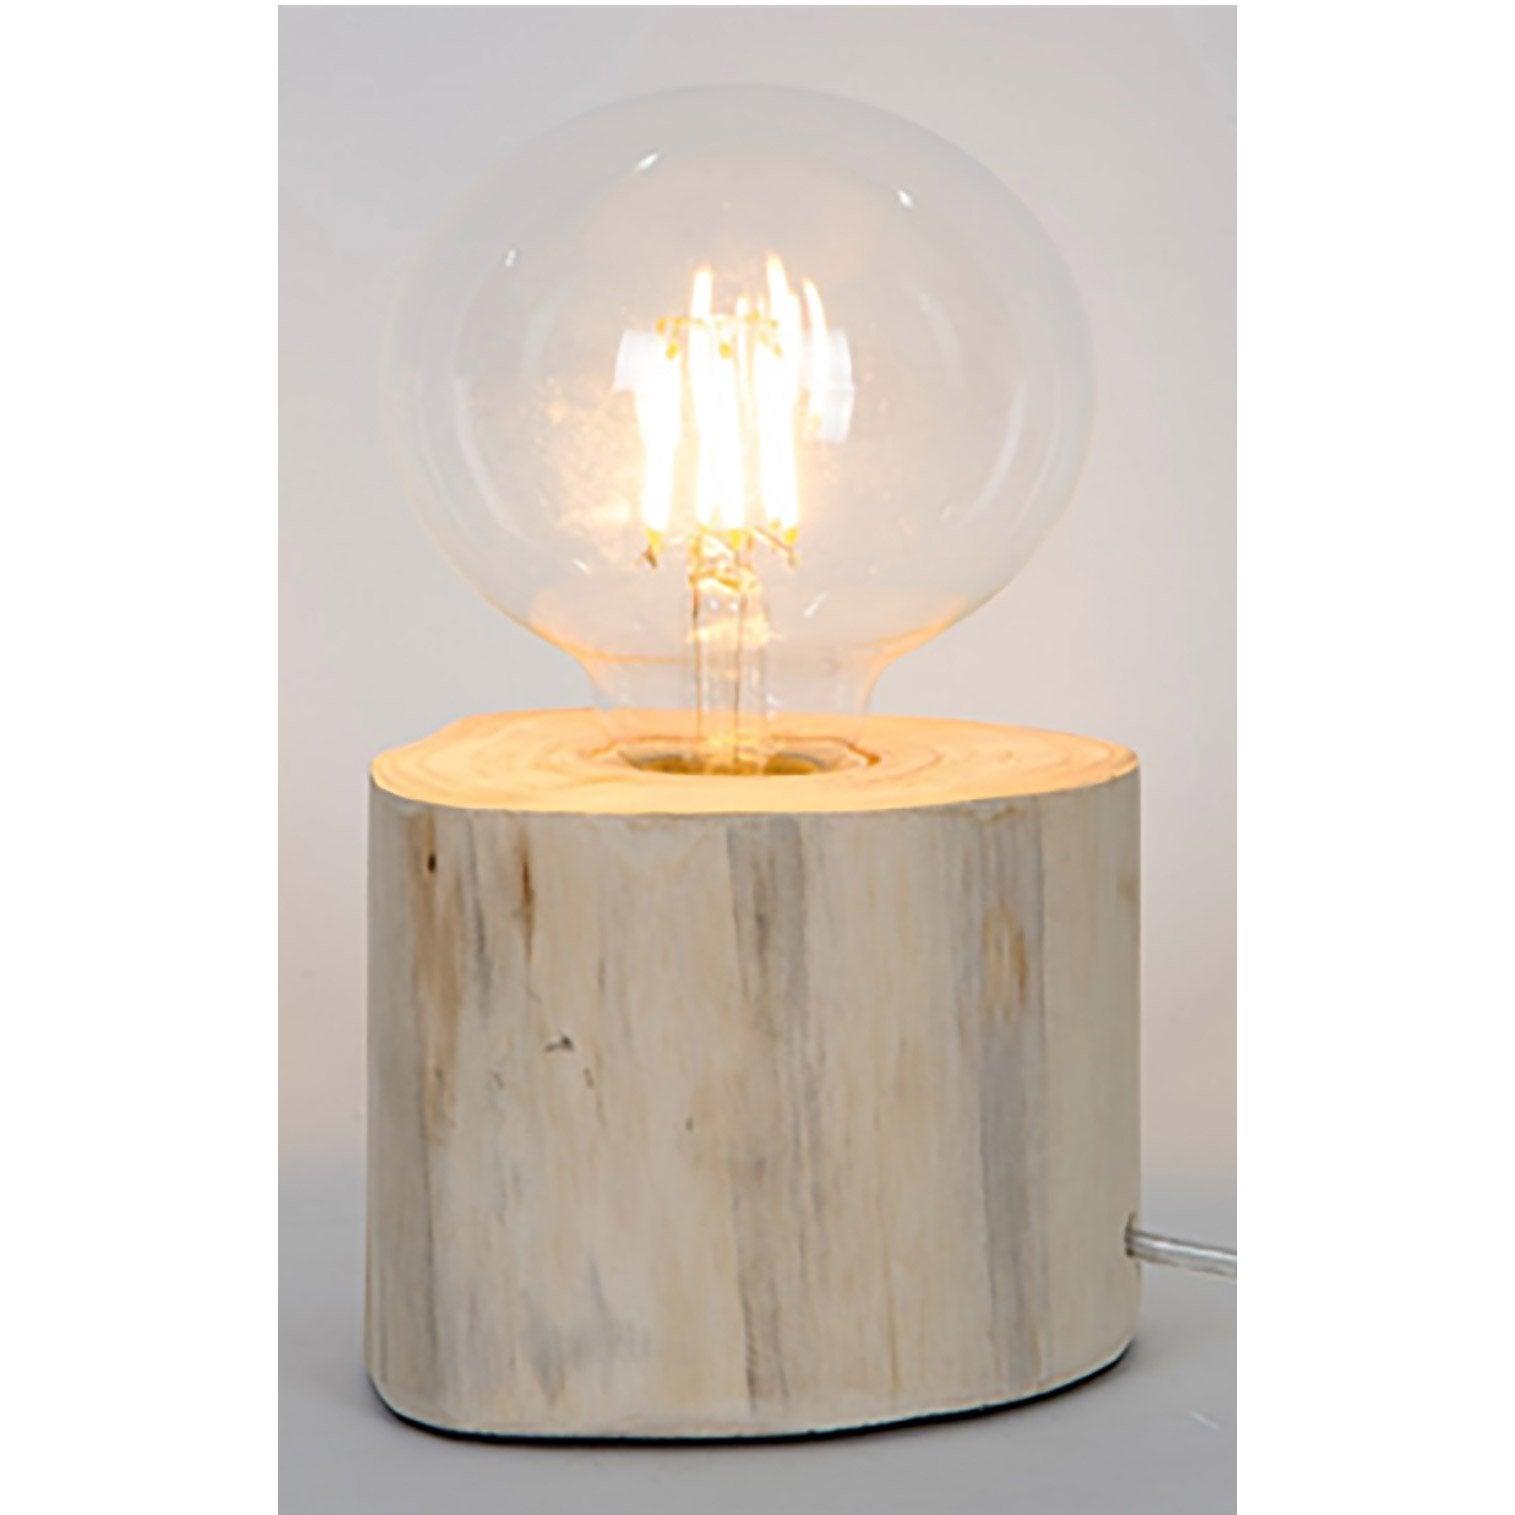 Lampe, charme romantique, bois, SAMPA HELIOS Pam